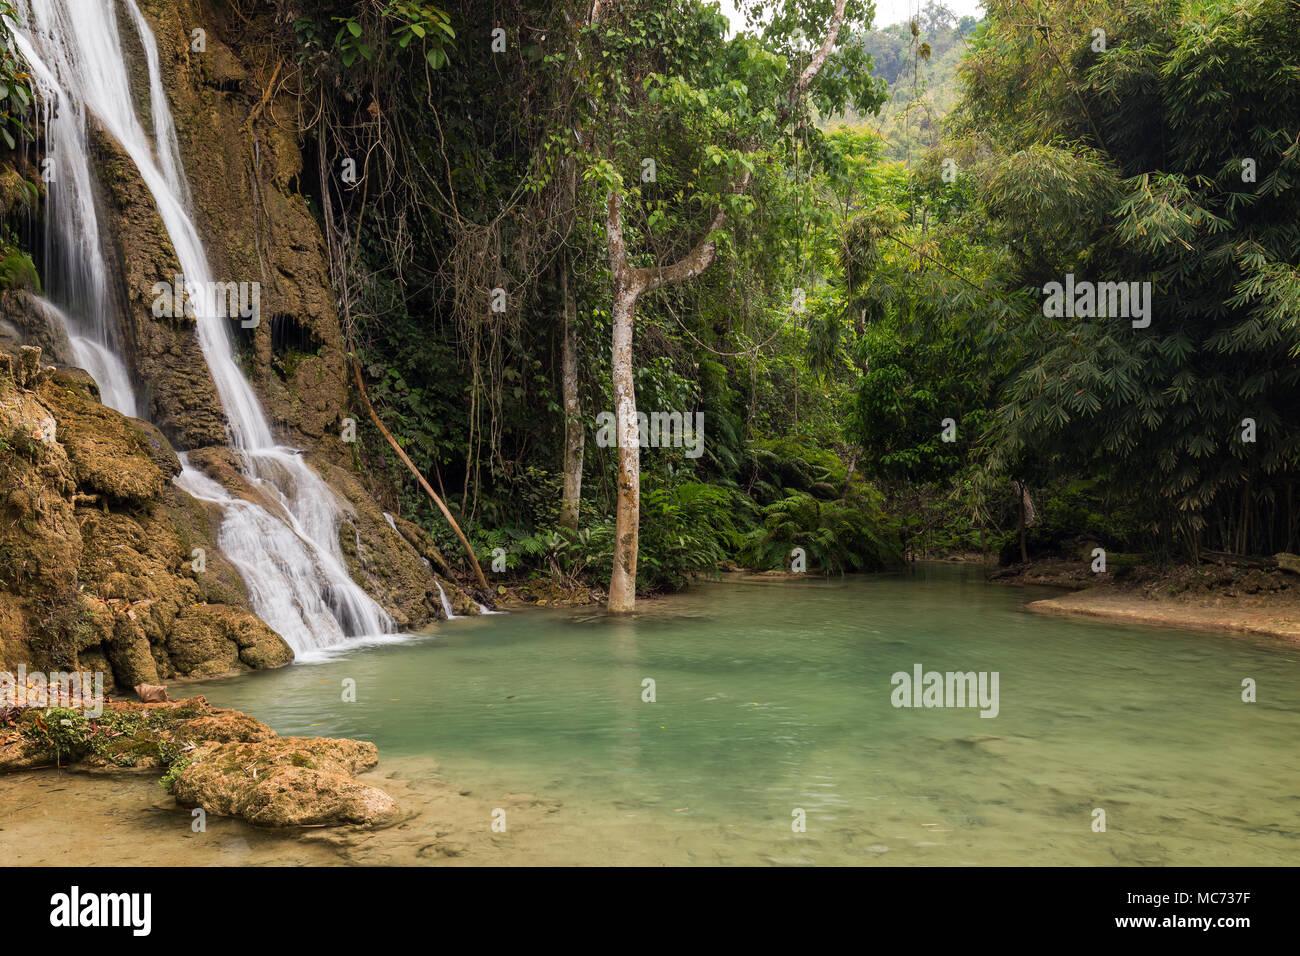 Vista de Keo Moung Khoun idílica Cascada, estanque y frondosos árboles cerca de Luang Prabang, en Laos. Imagen De Stock